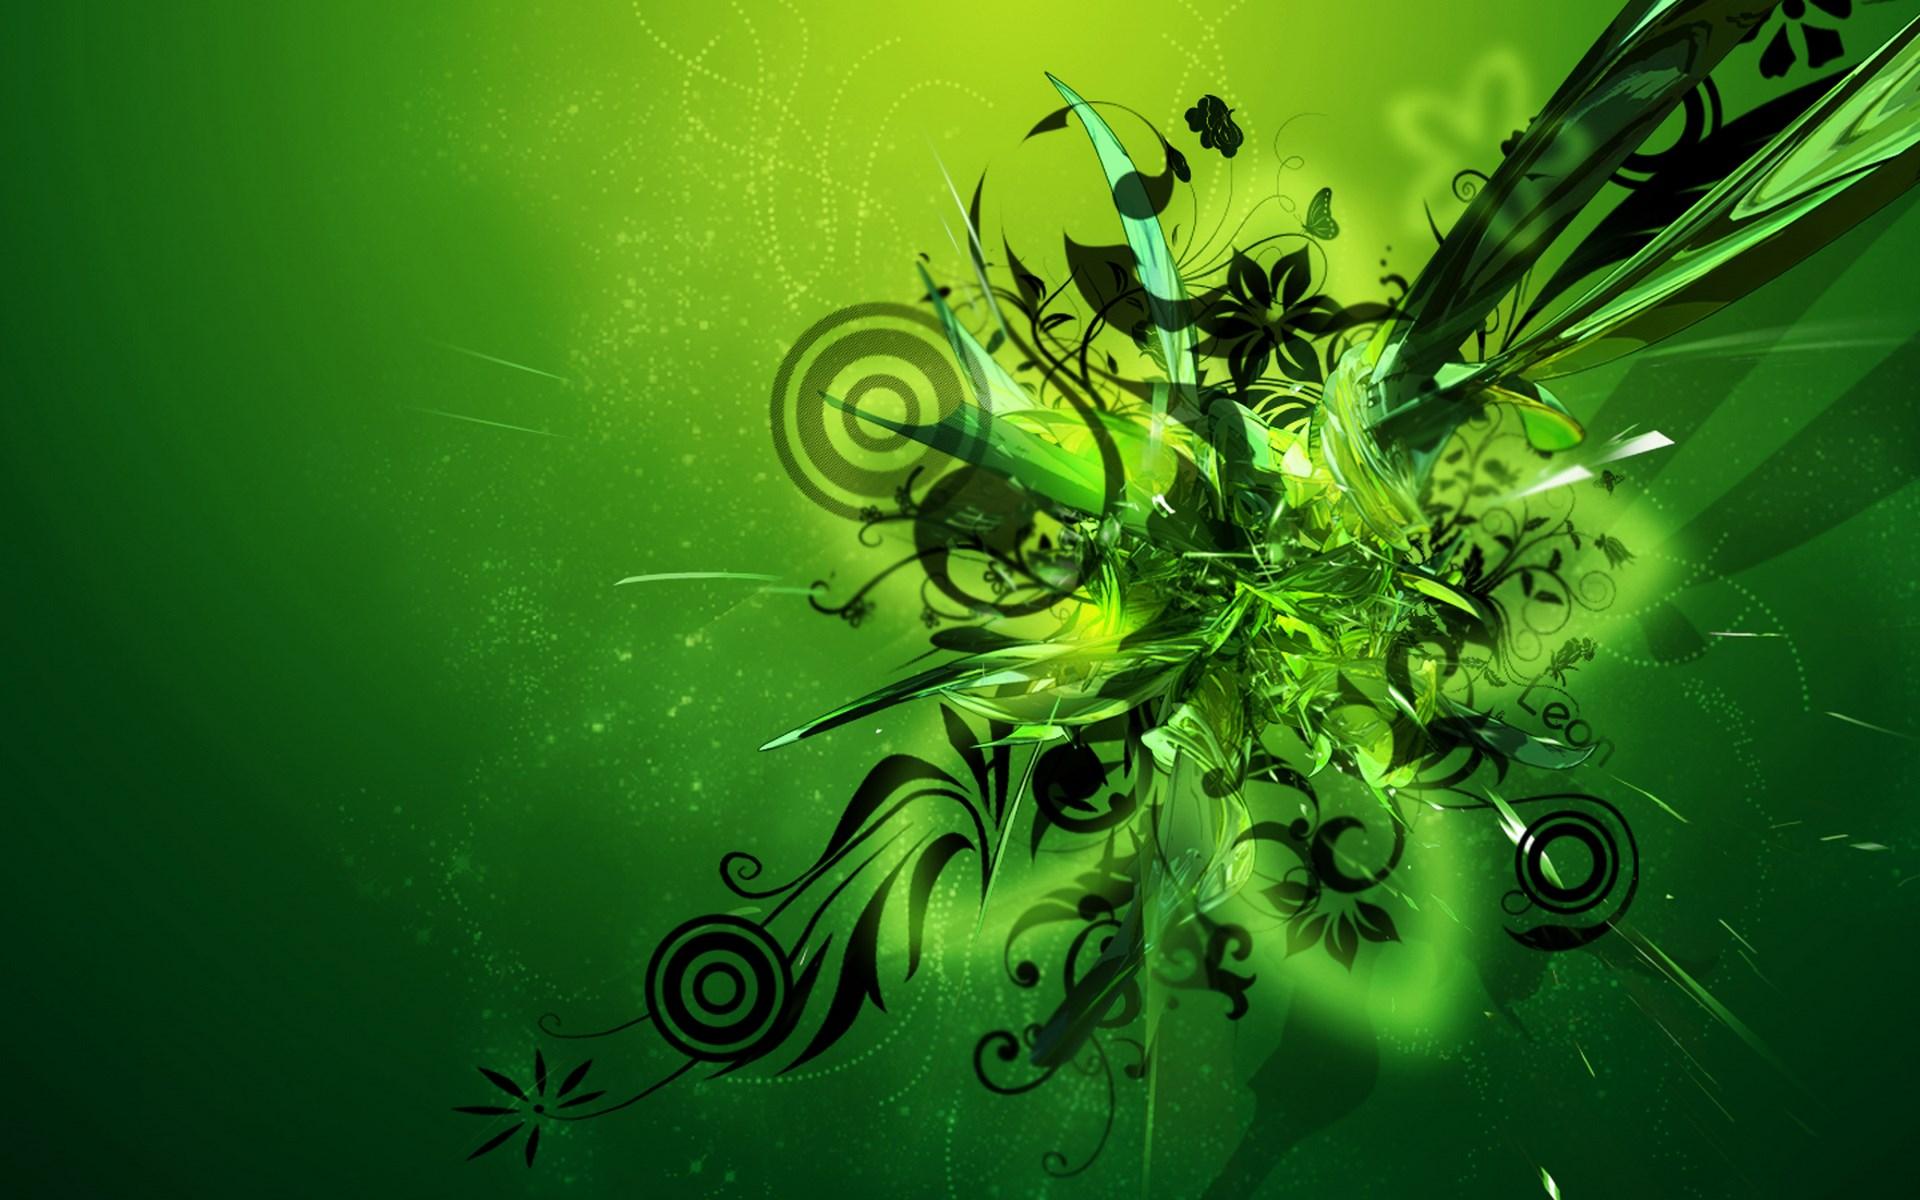 Green Shine скачать